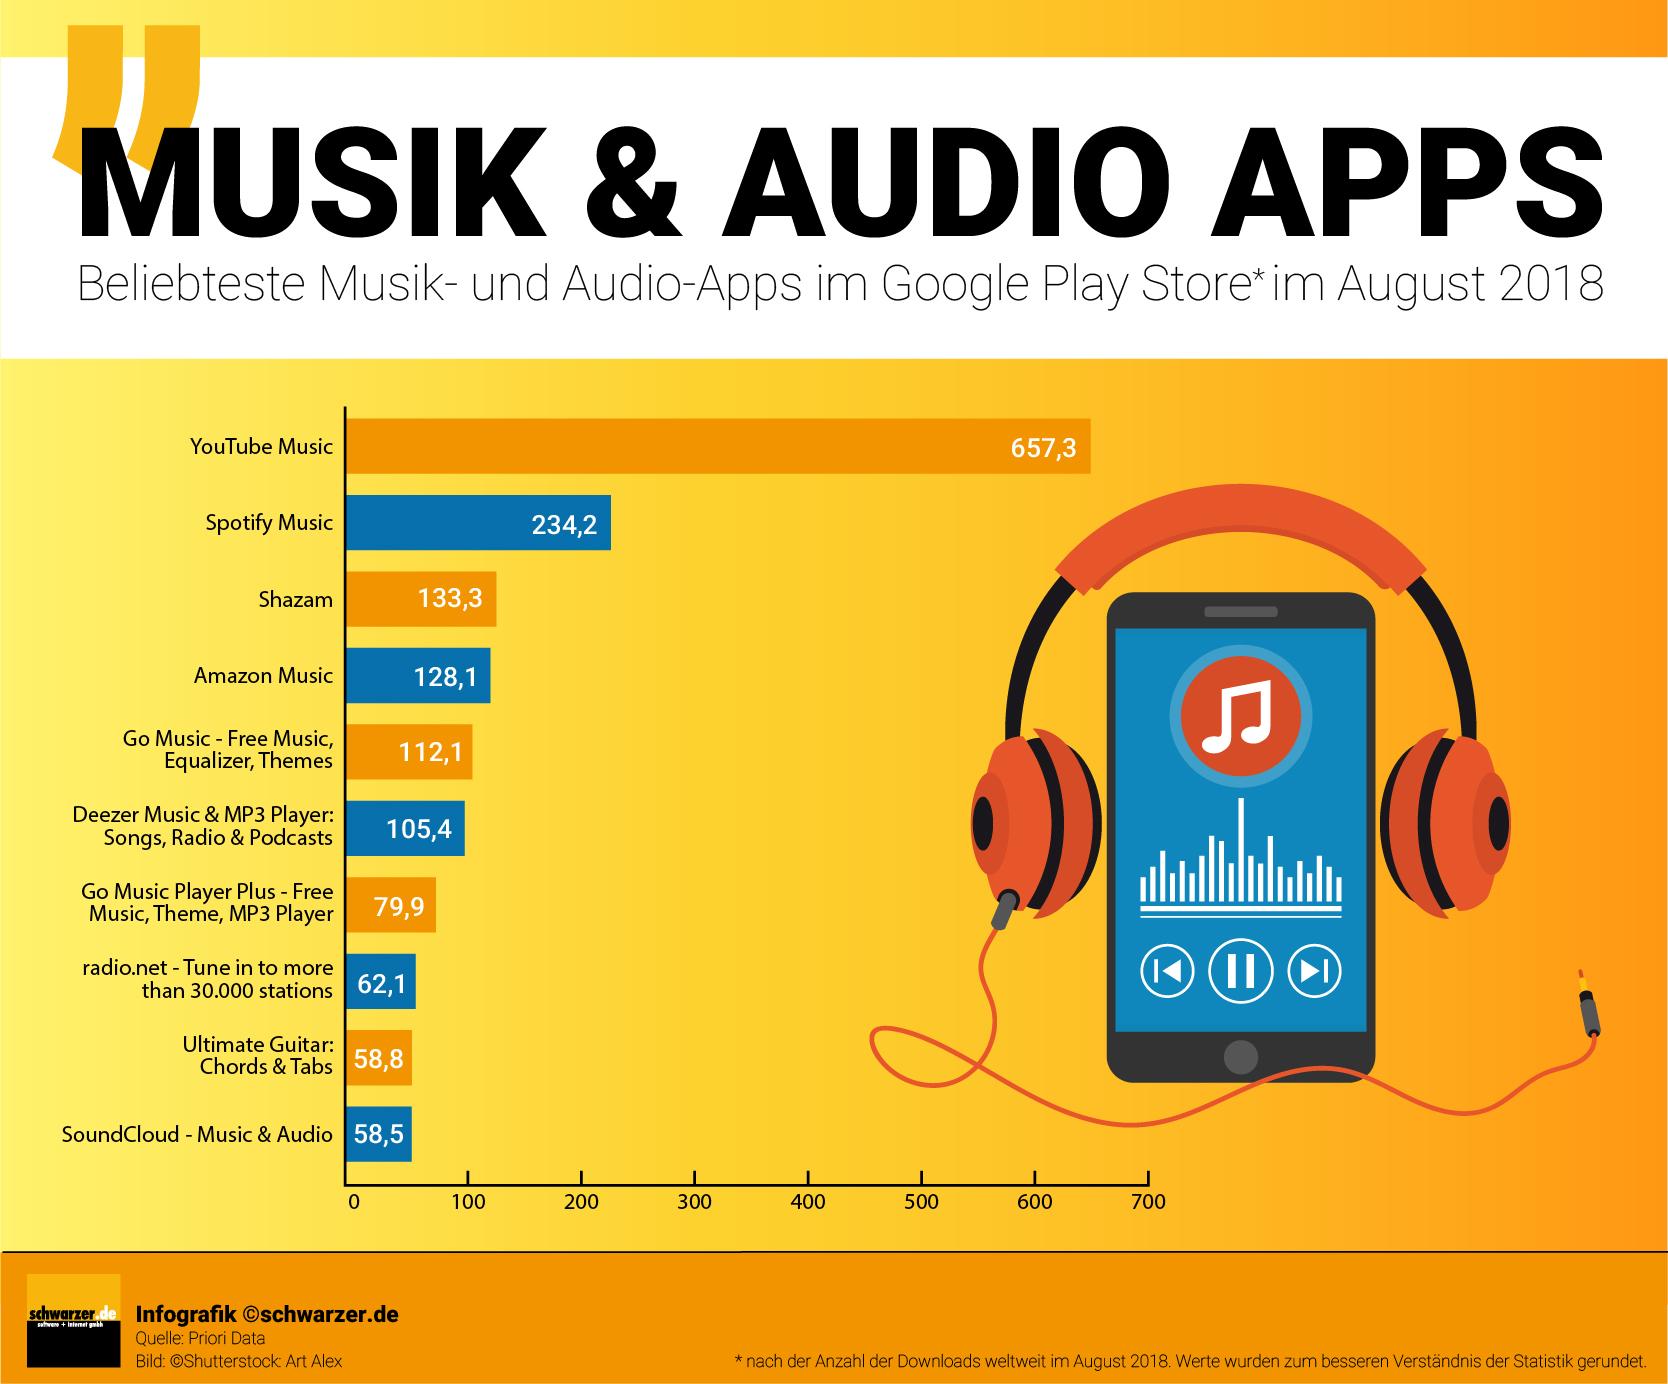 Infografik: Beliebteste Musik- und Audio-Apps im Google-Play-Store weltweit. (Nach Downloads, August 2018)